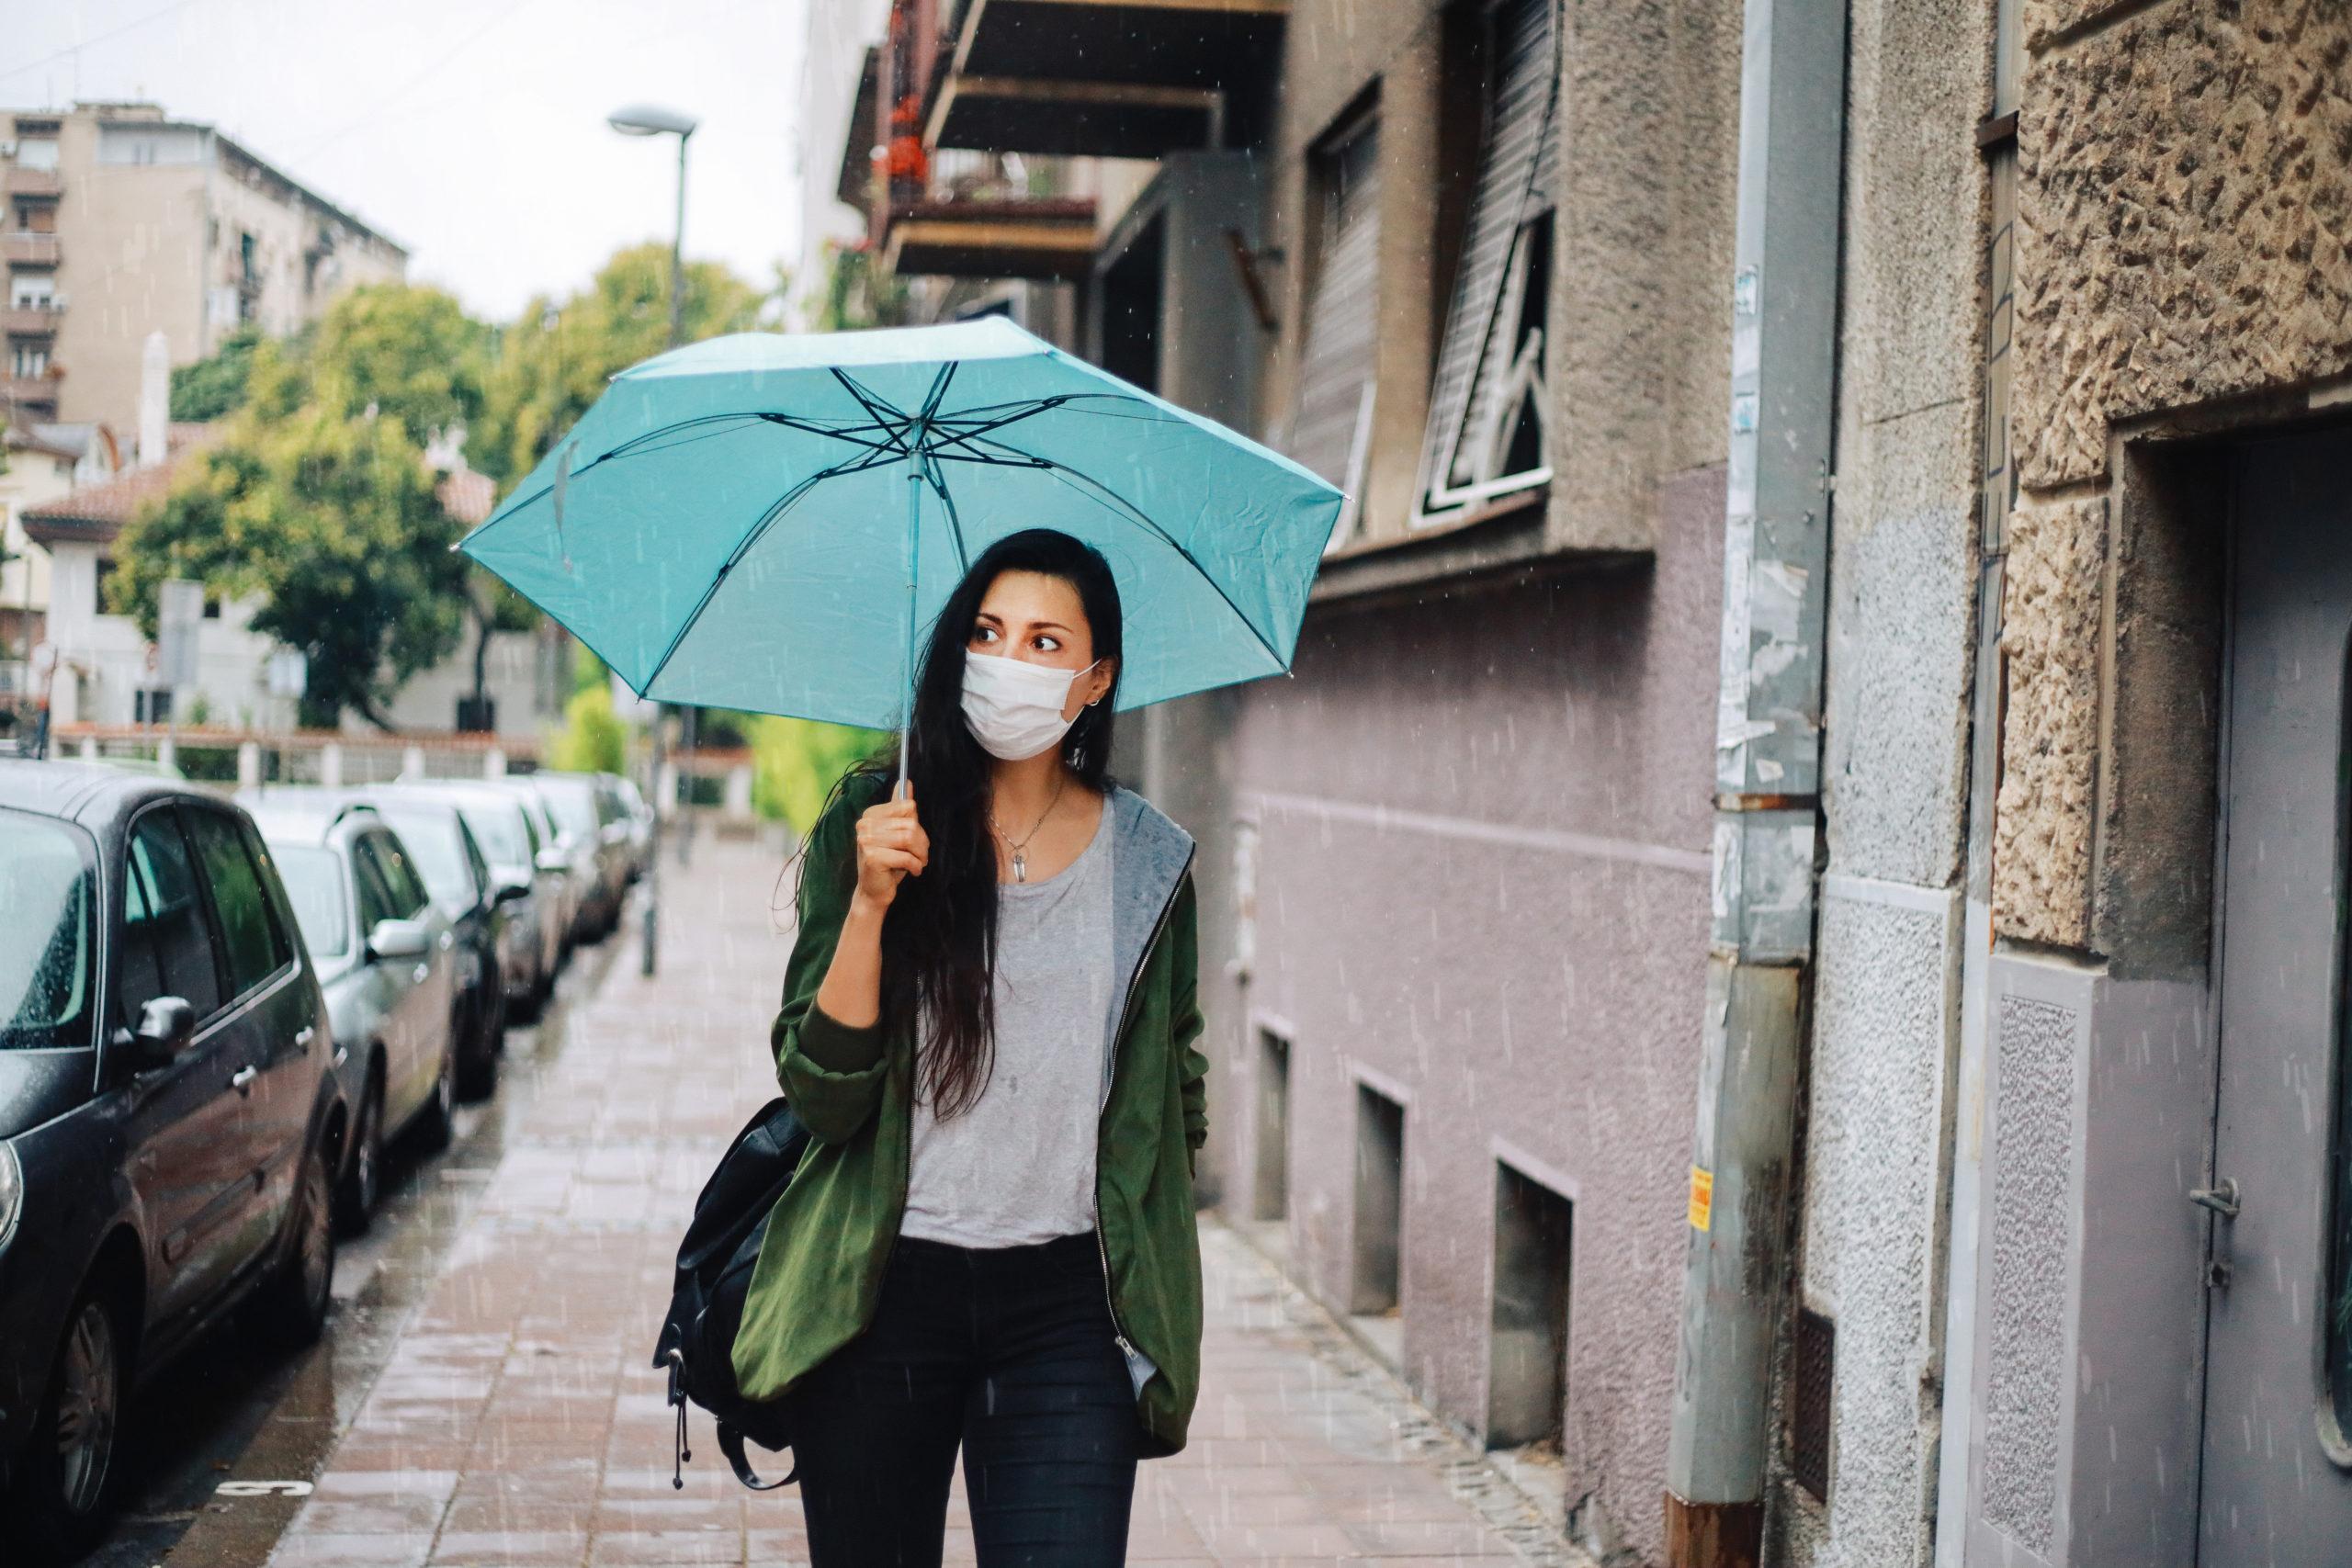 Időjárás illusztráció, esernyős lány.